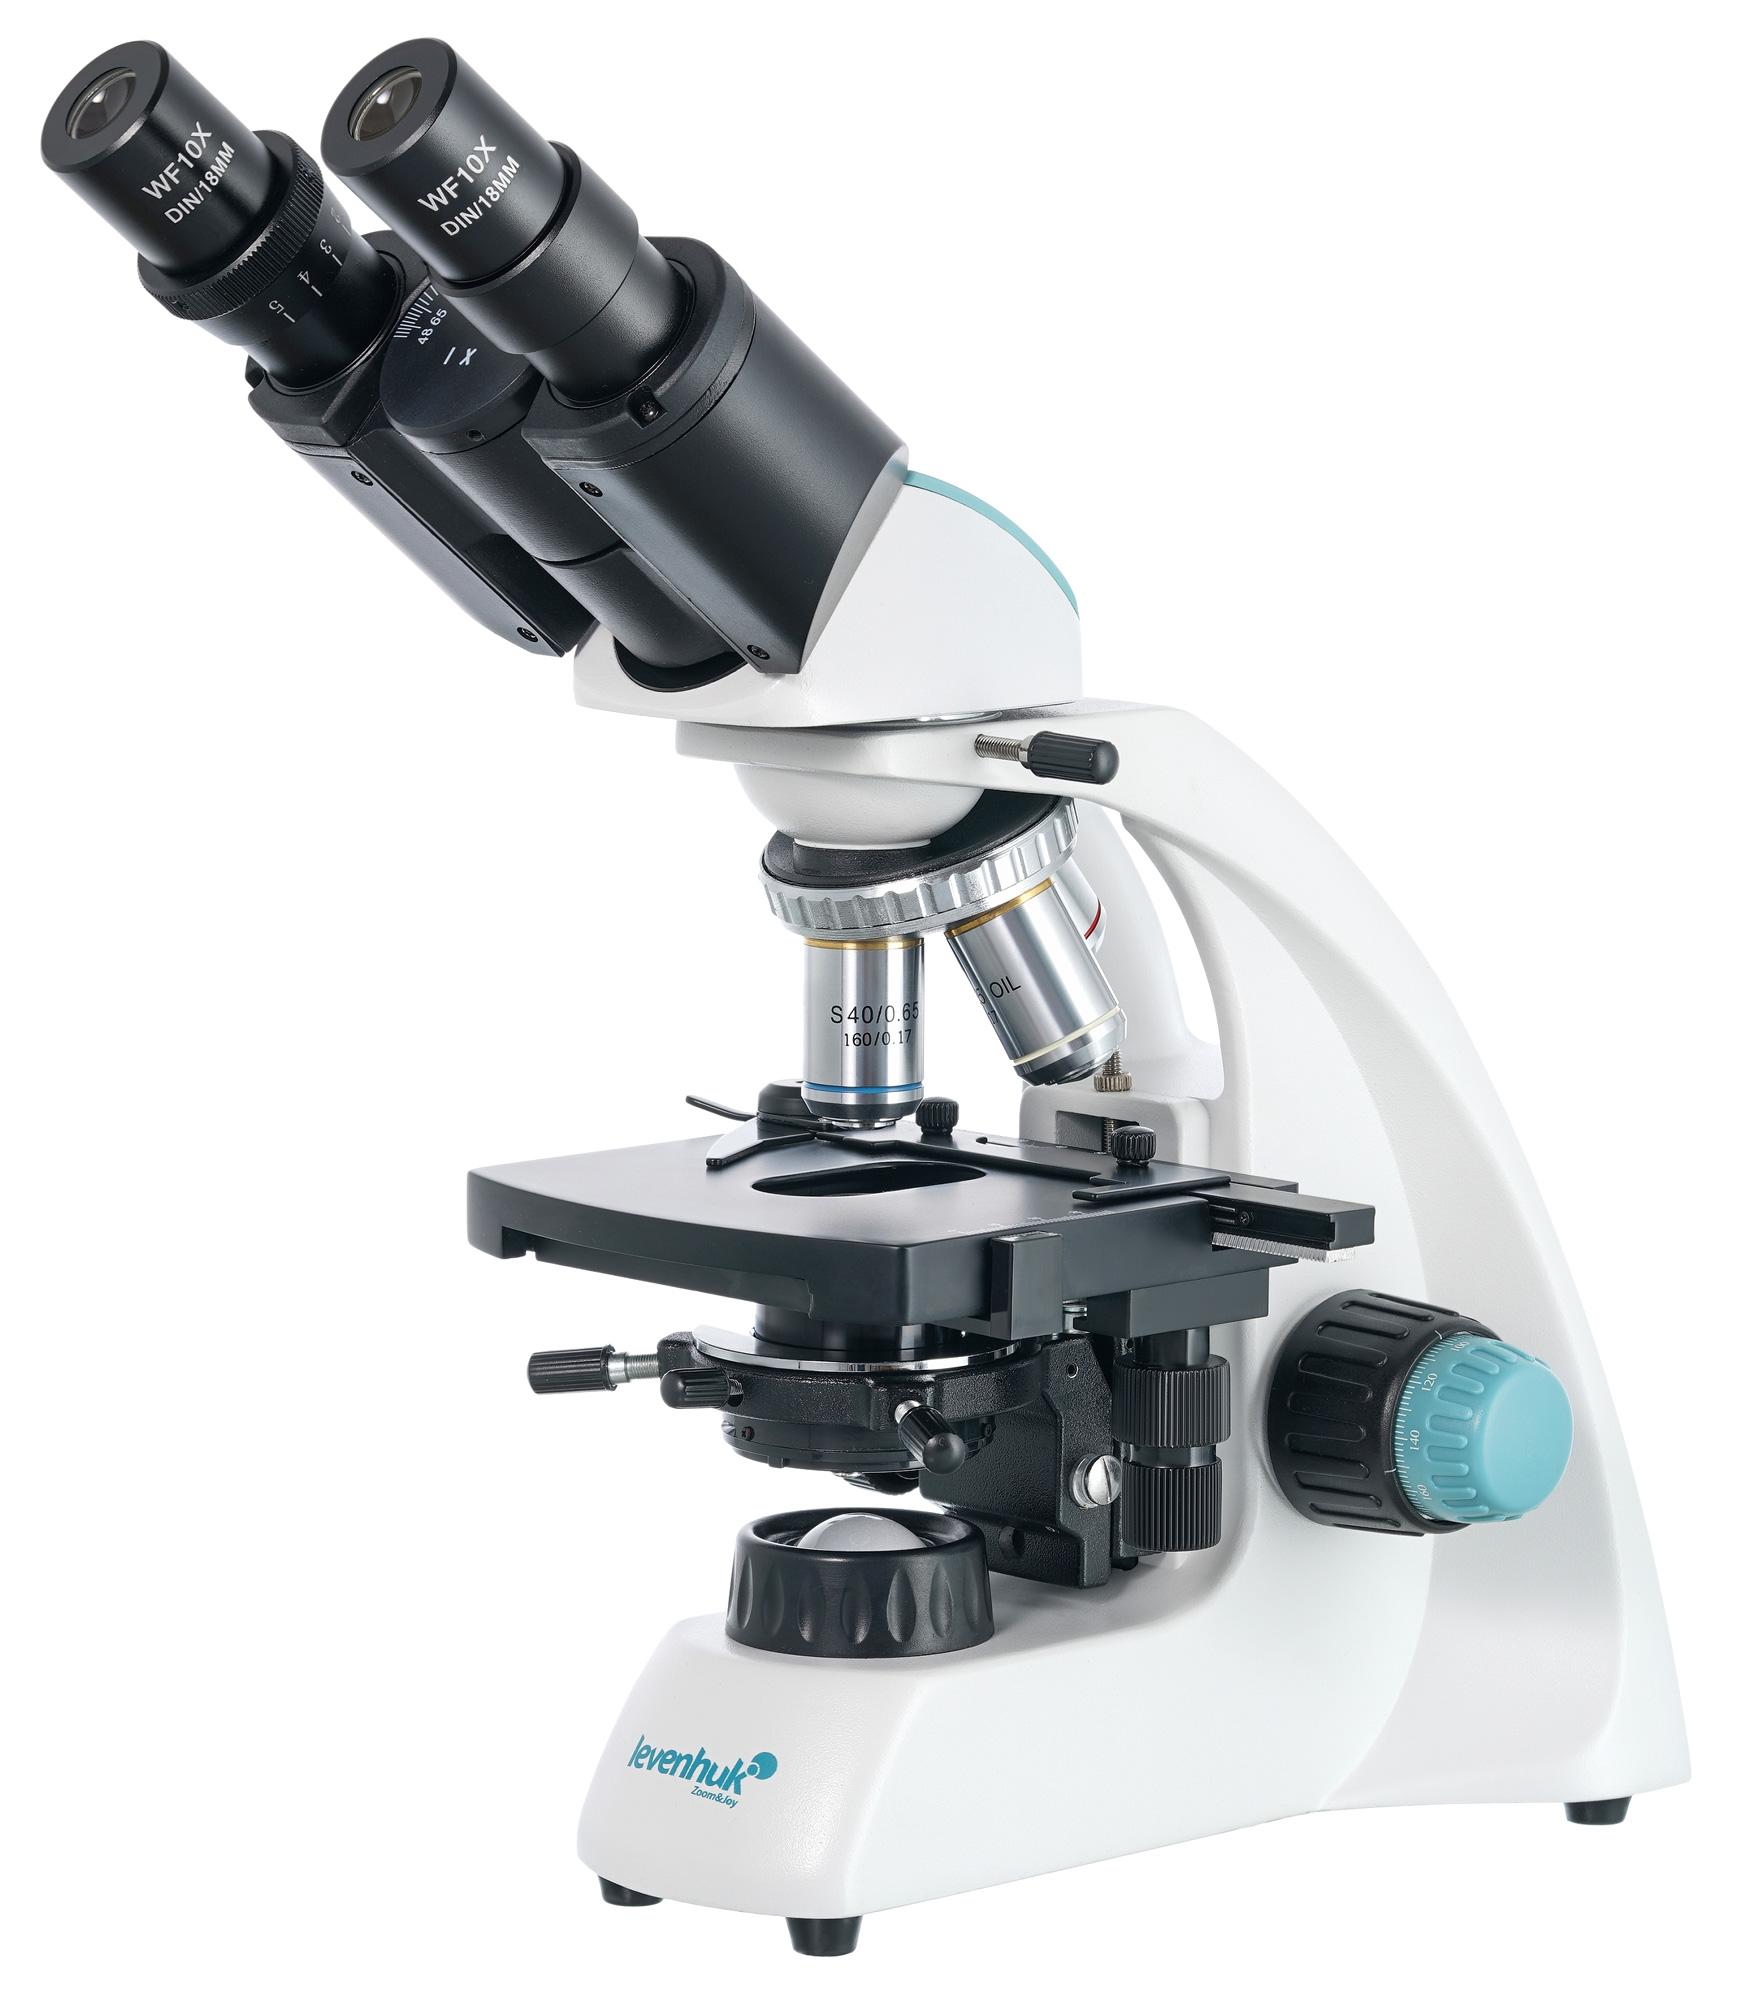 Картинка для Микроскоп Levenhuk (Левенгук) 400B, бинокулярный